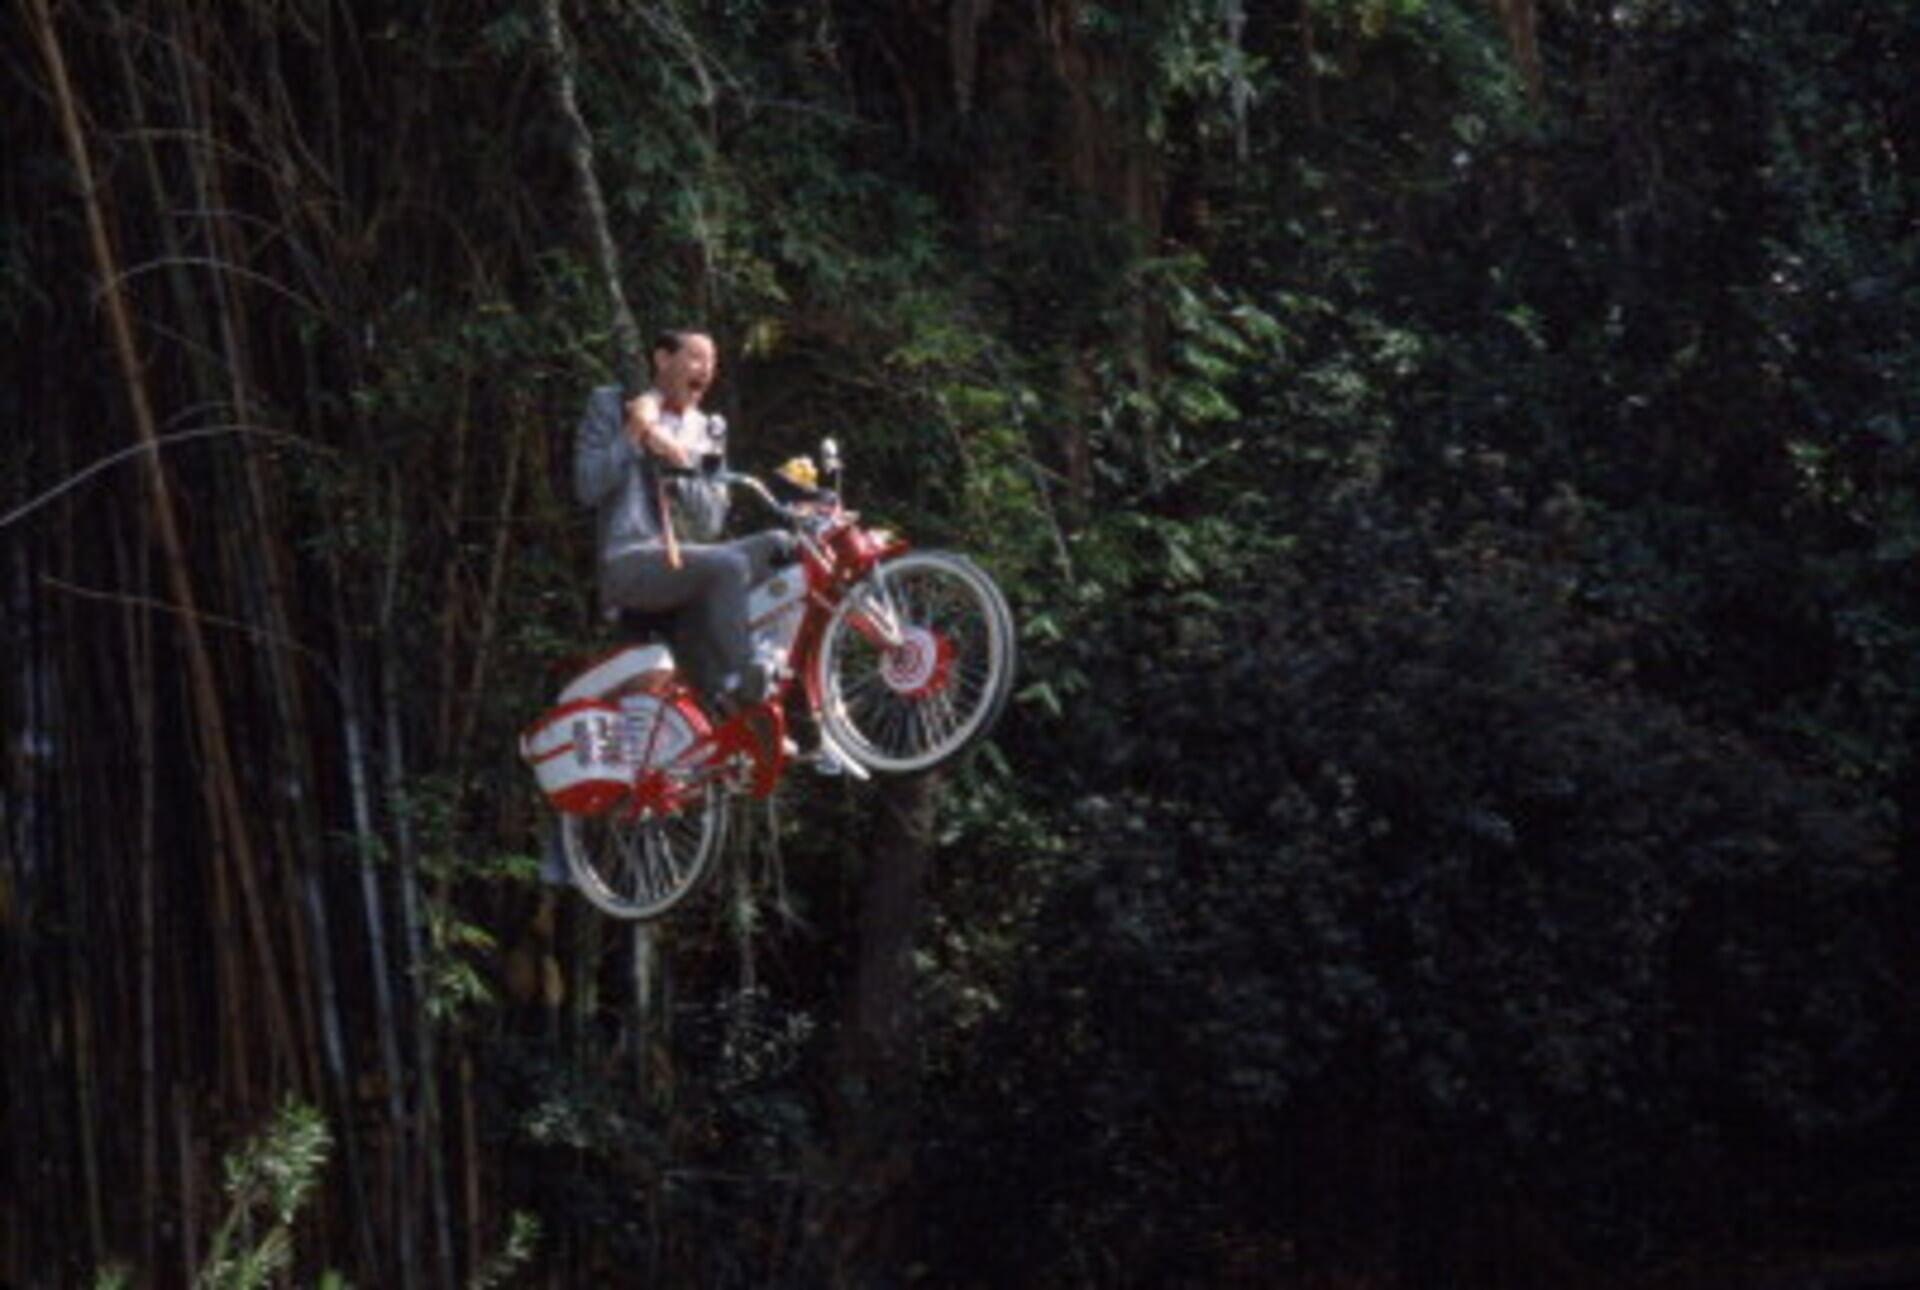 Pee-wee's Big Adventure - Image 3